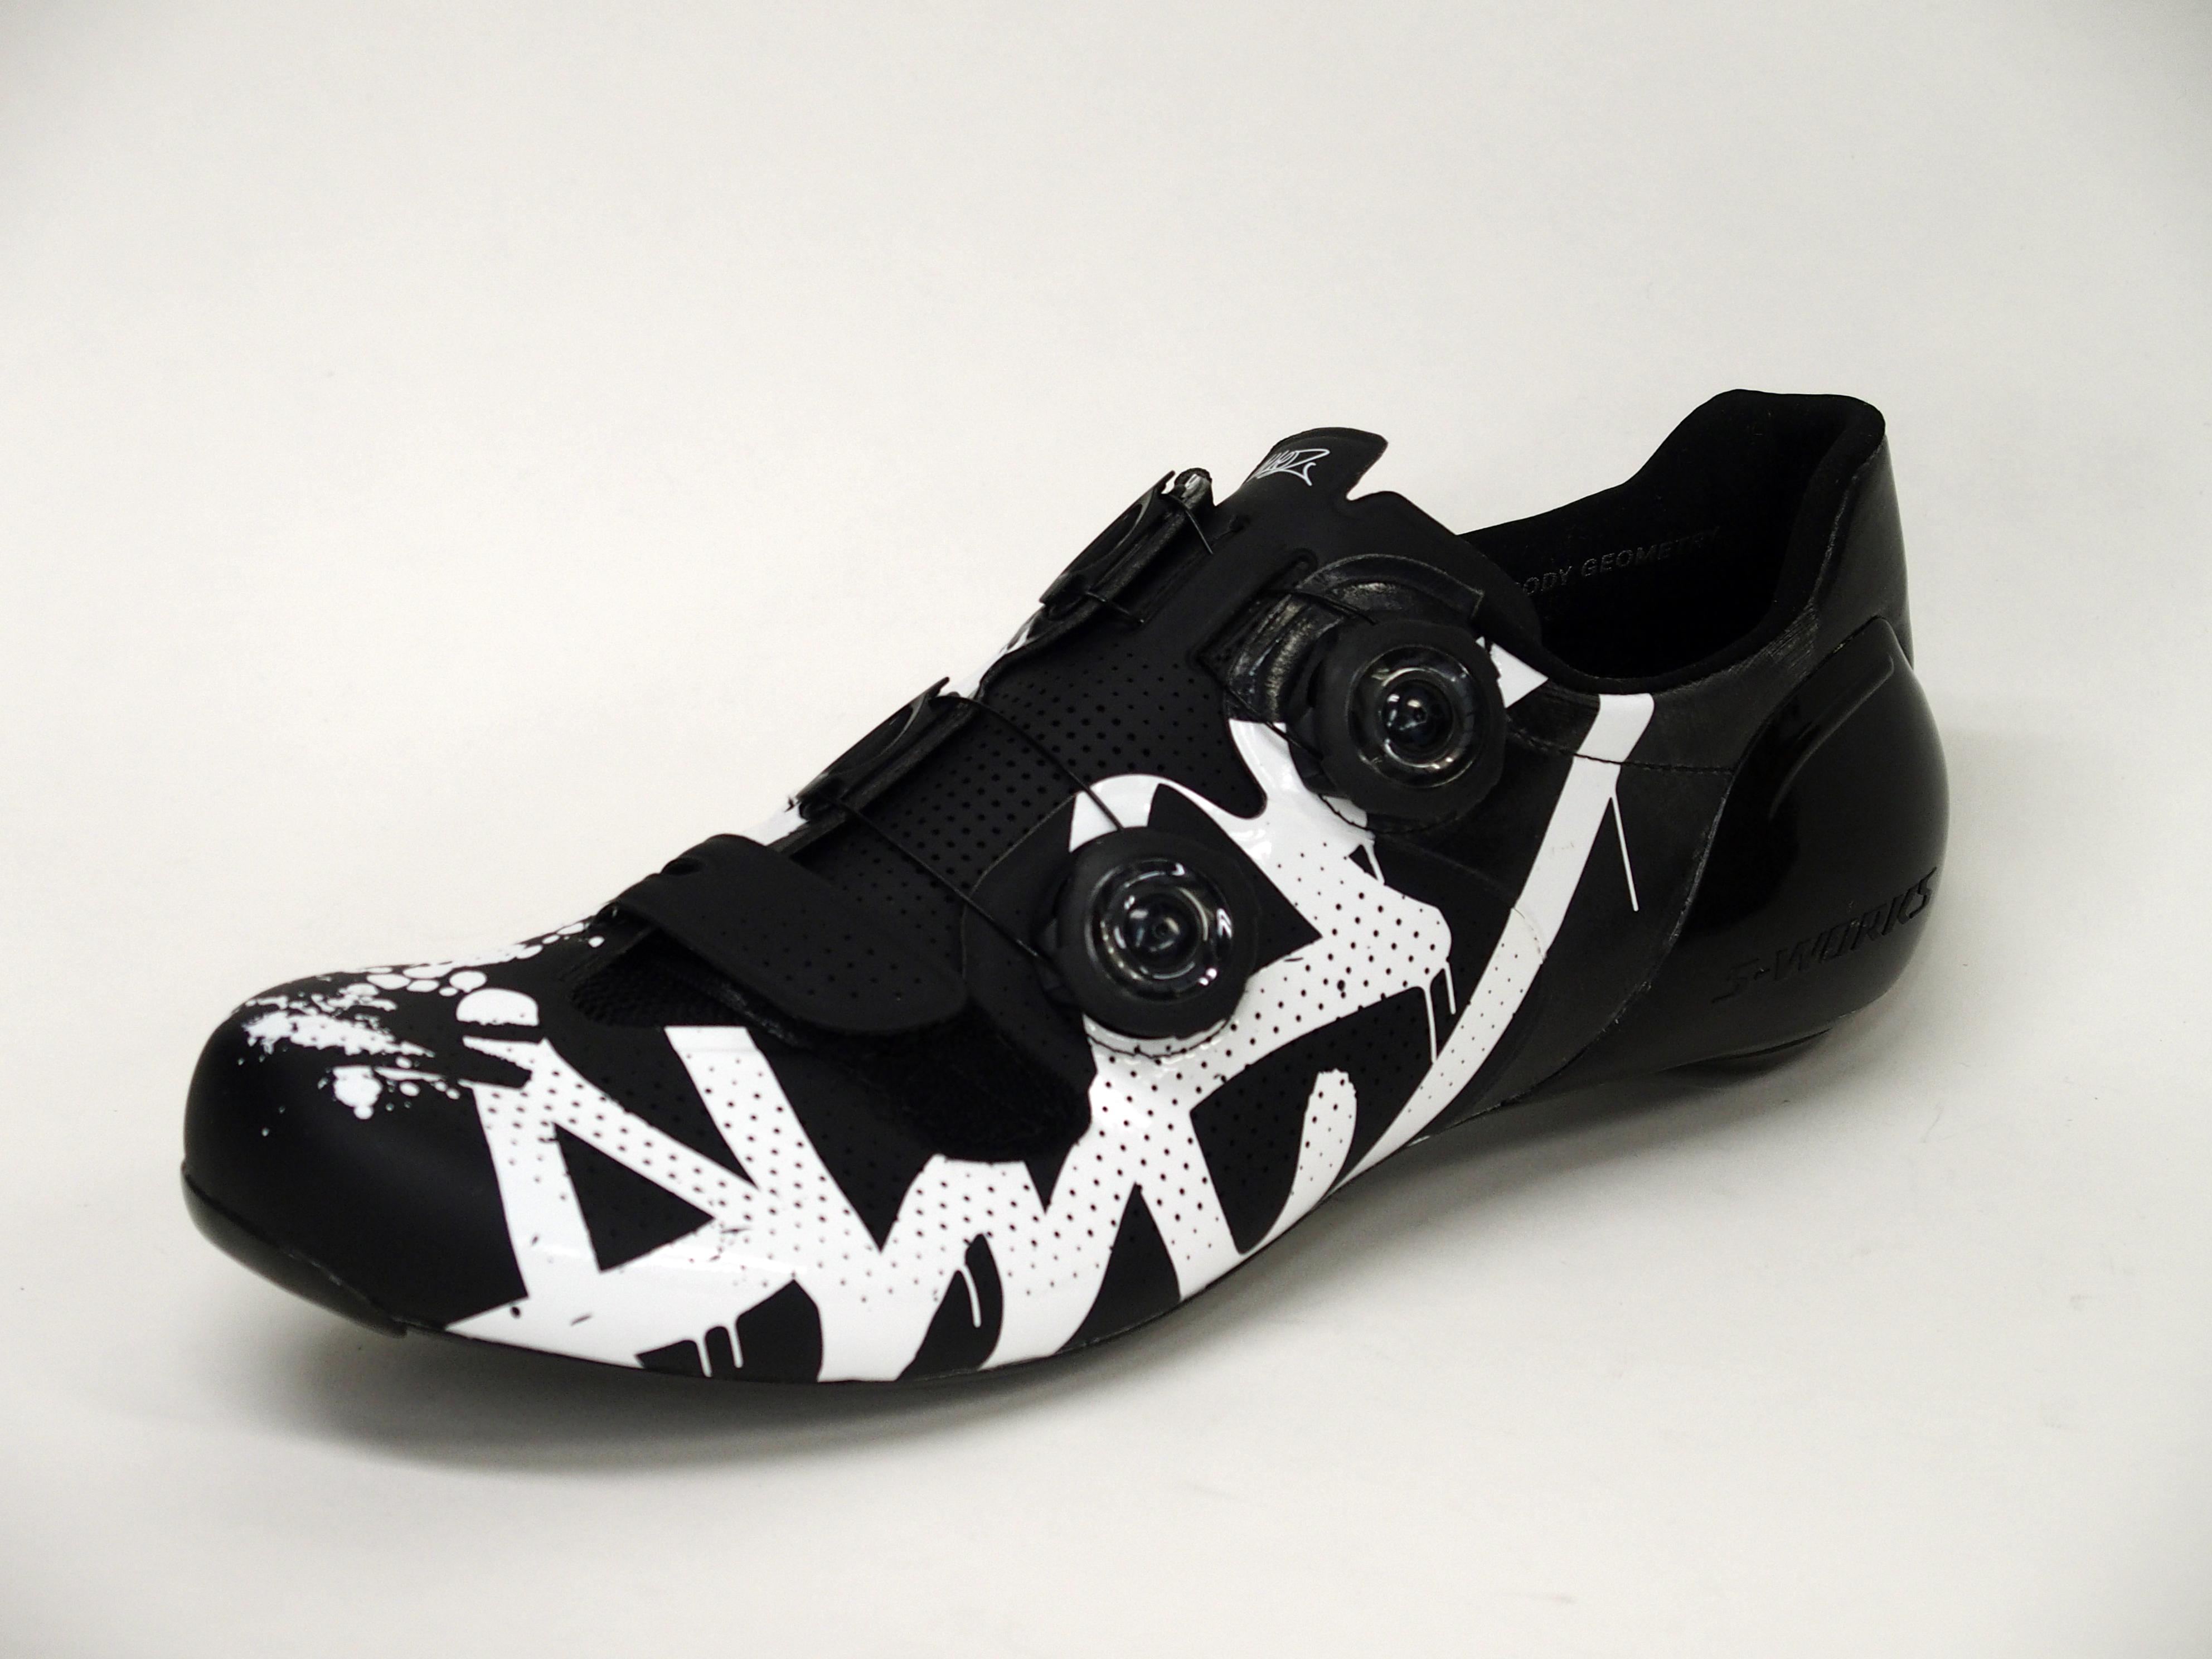 s works 6 road shoes. Black Bedroom Furniture Sets. Home Design Ideas